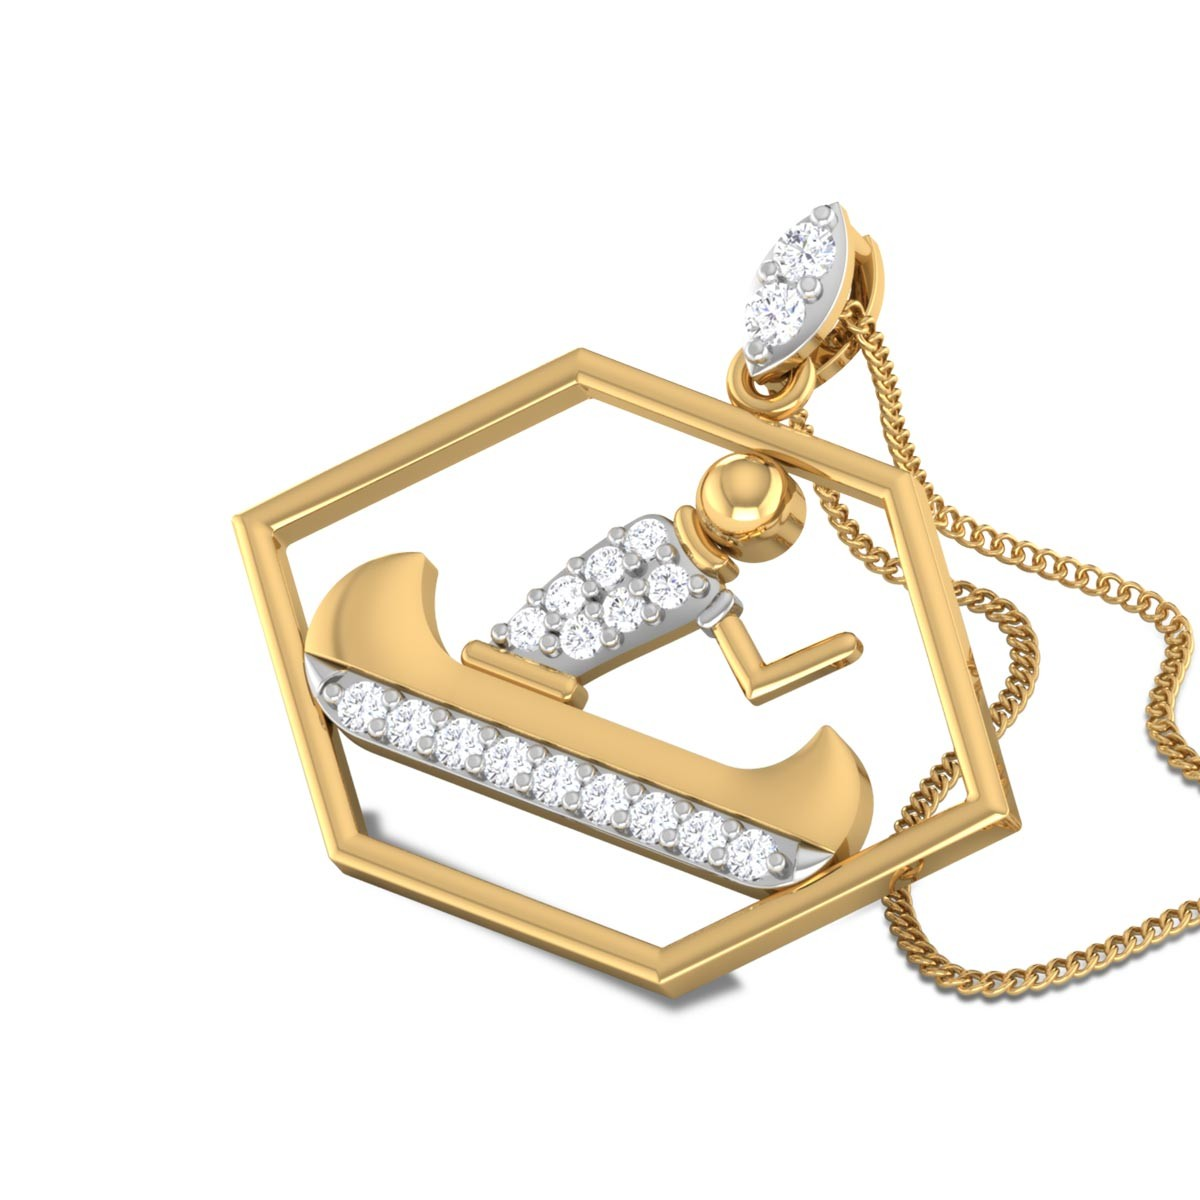 Garnette Diamond Boating Pendant